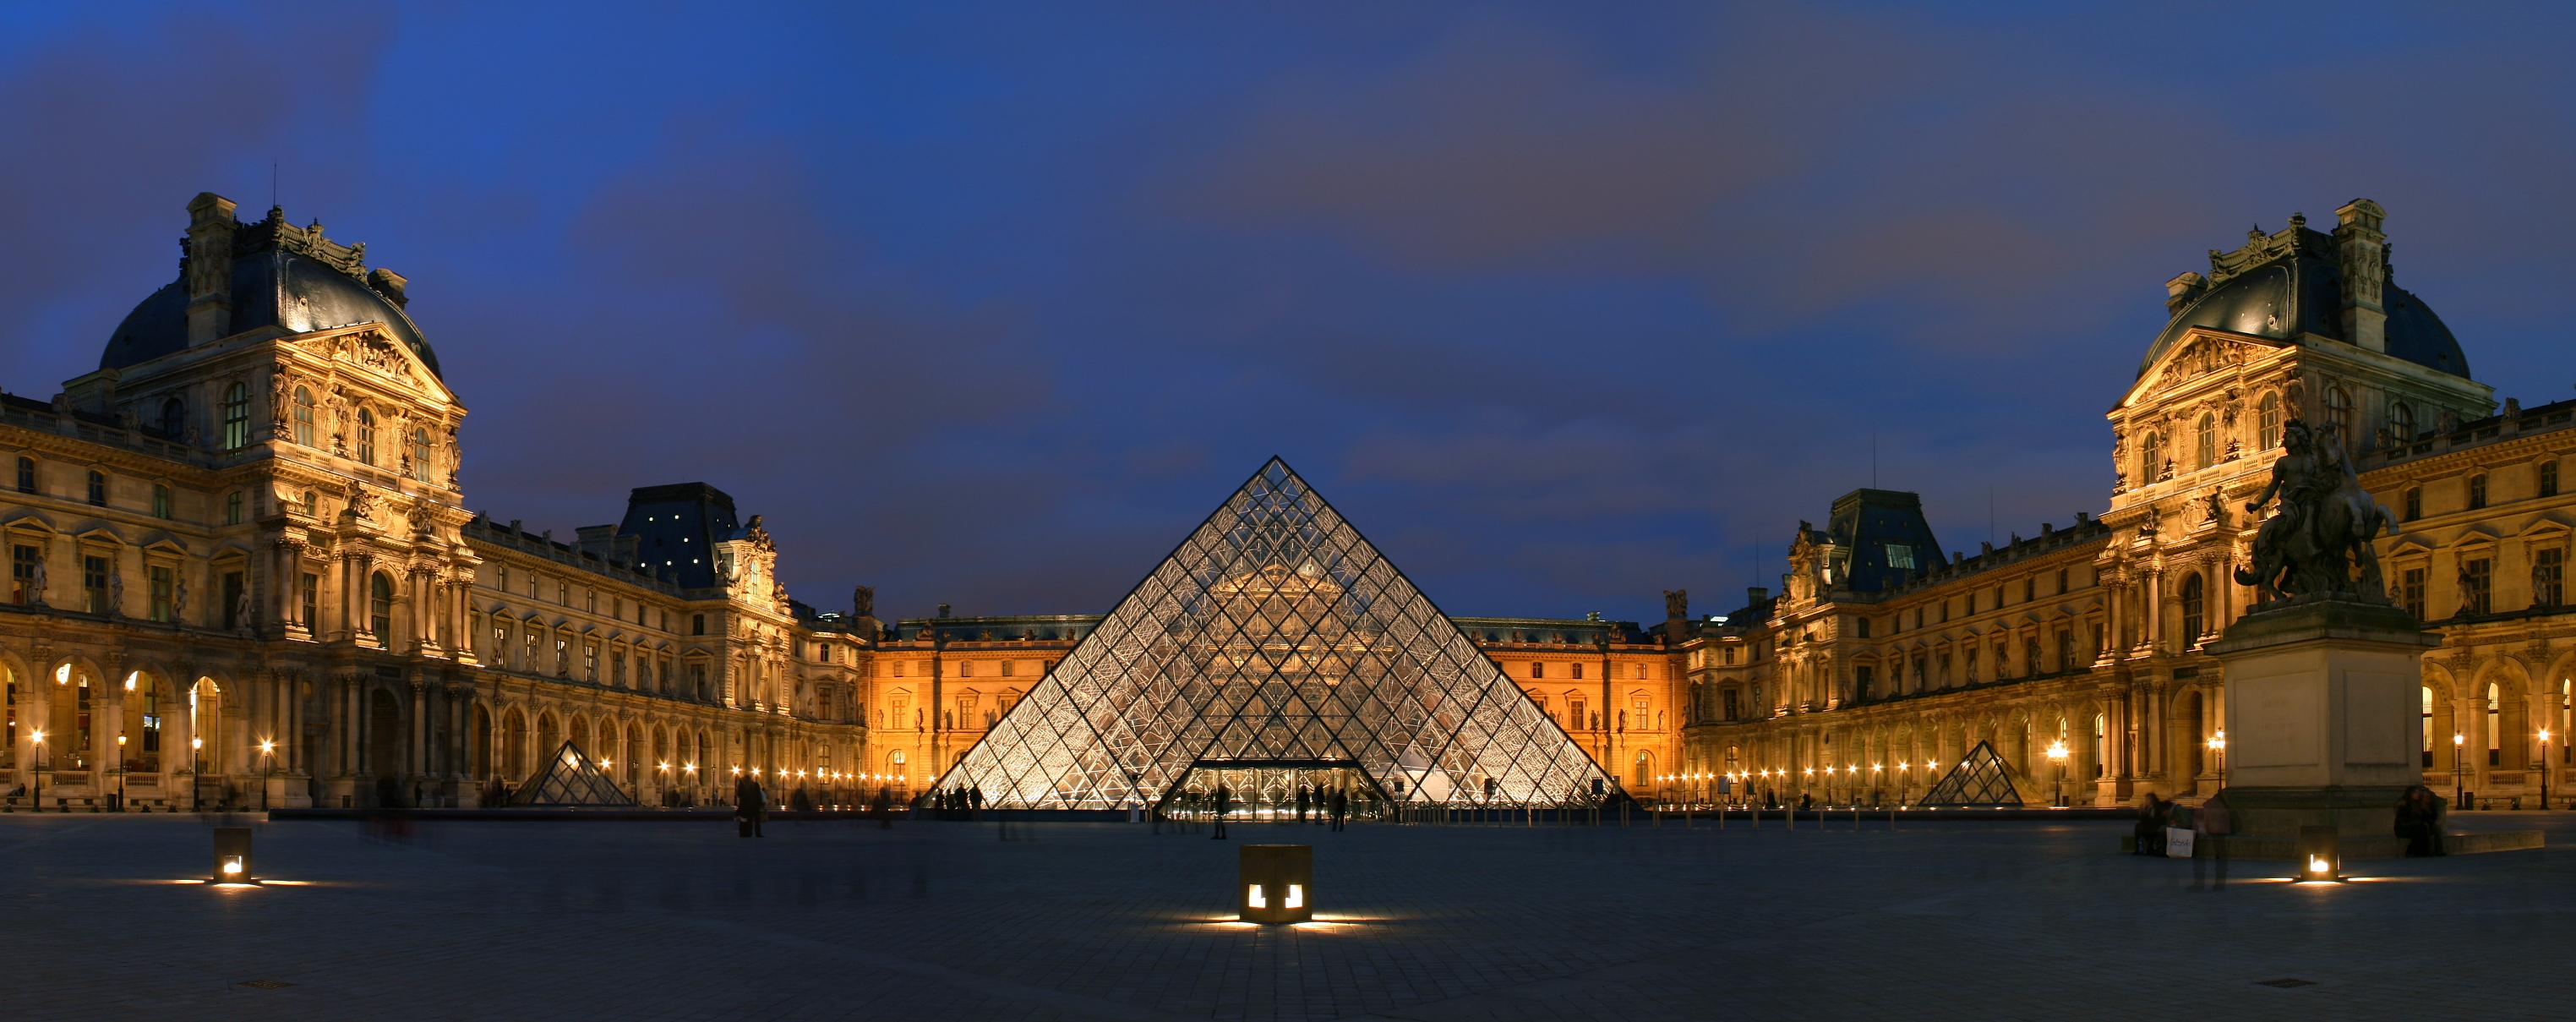 Museo de Louvre pone toda su colección en línea